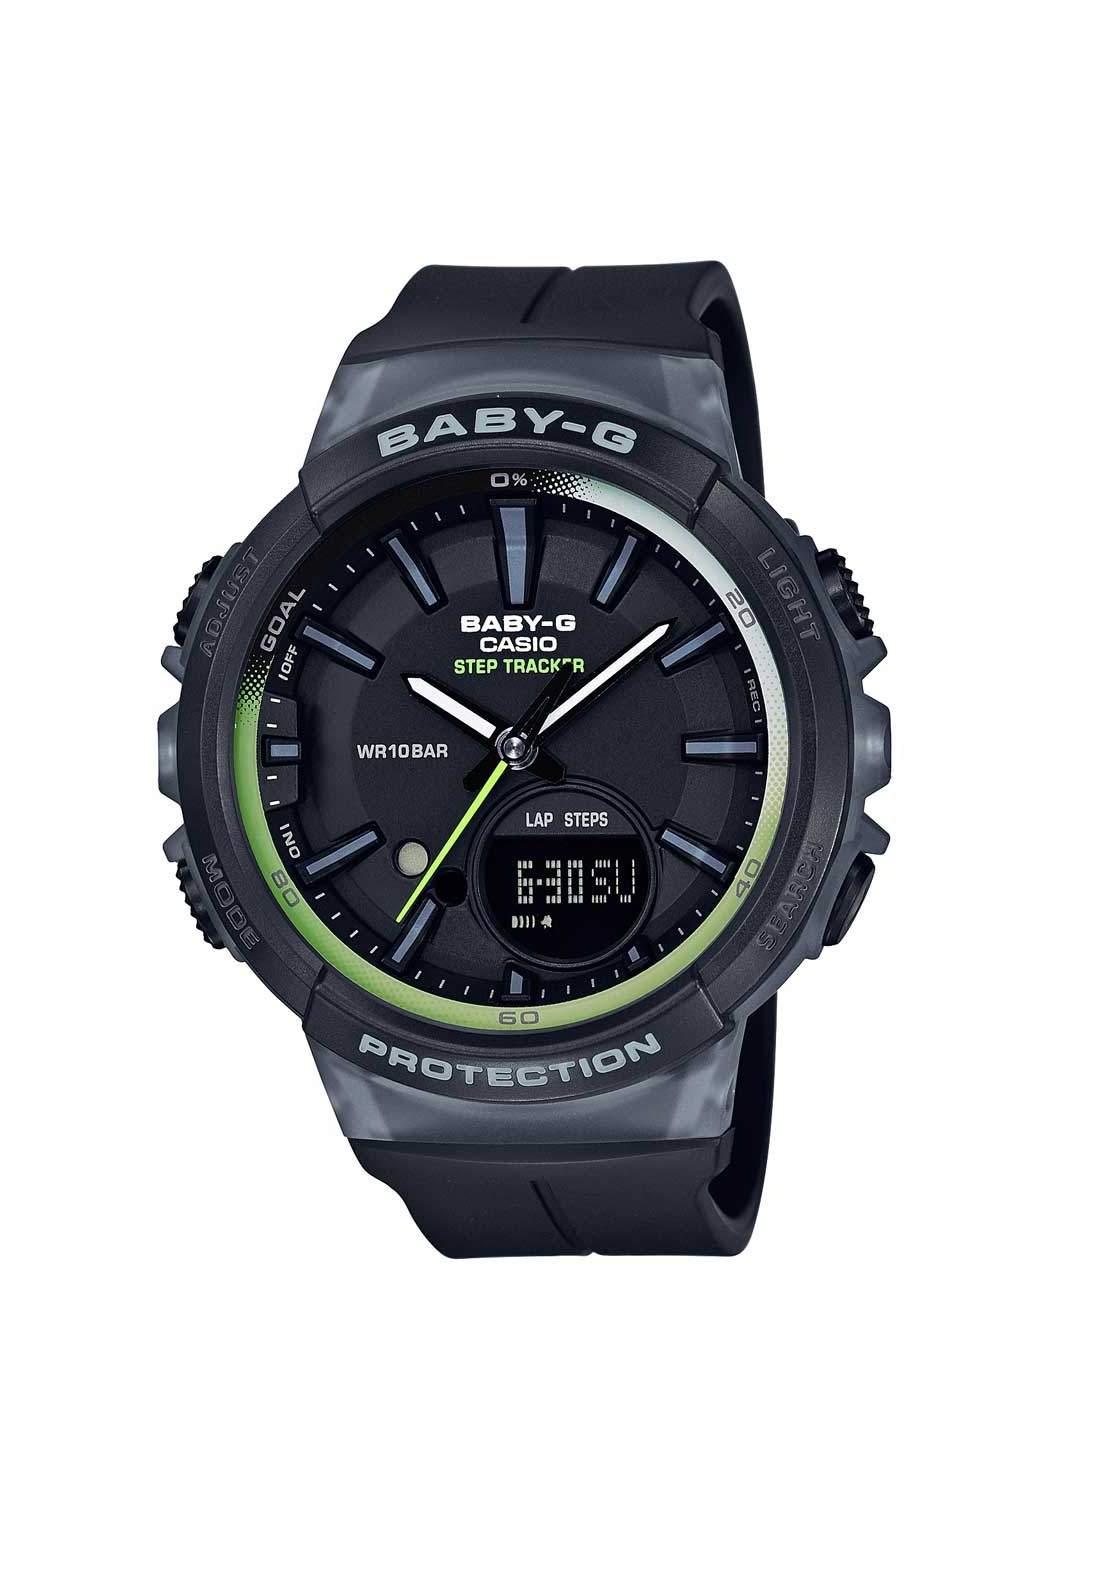 ساعة نسائية رياضية Casio BGS-100-1ADR سوداء اللون